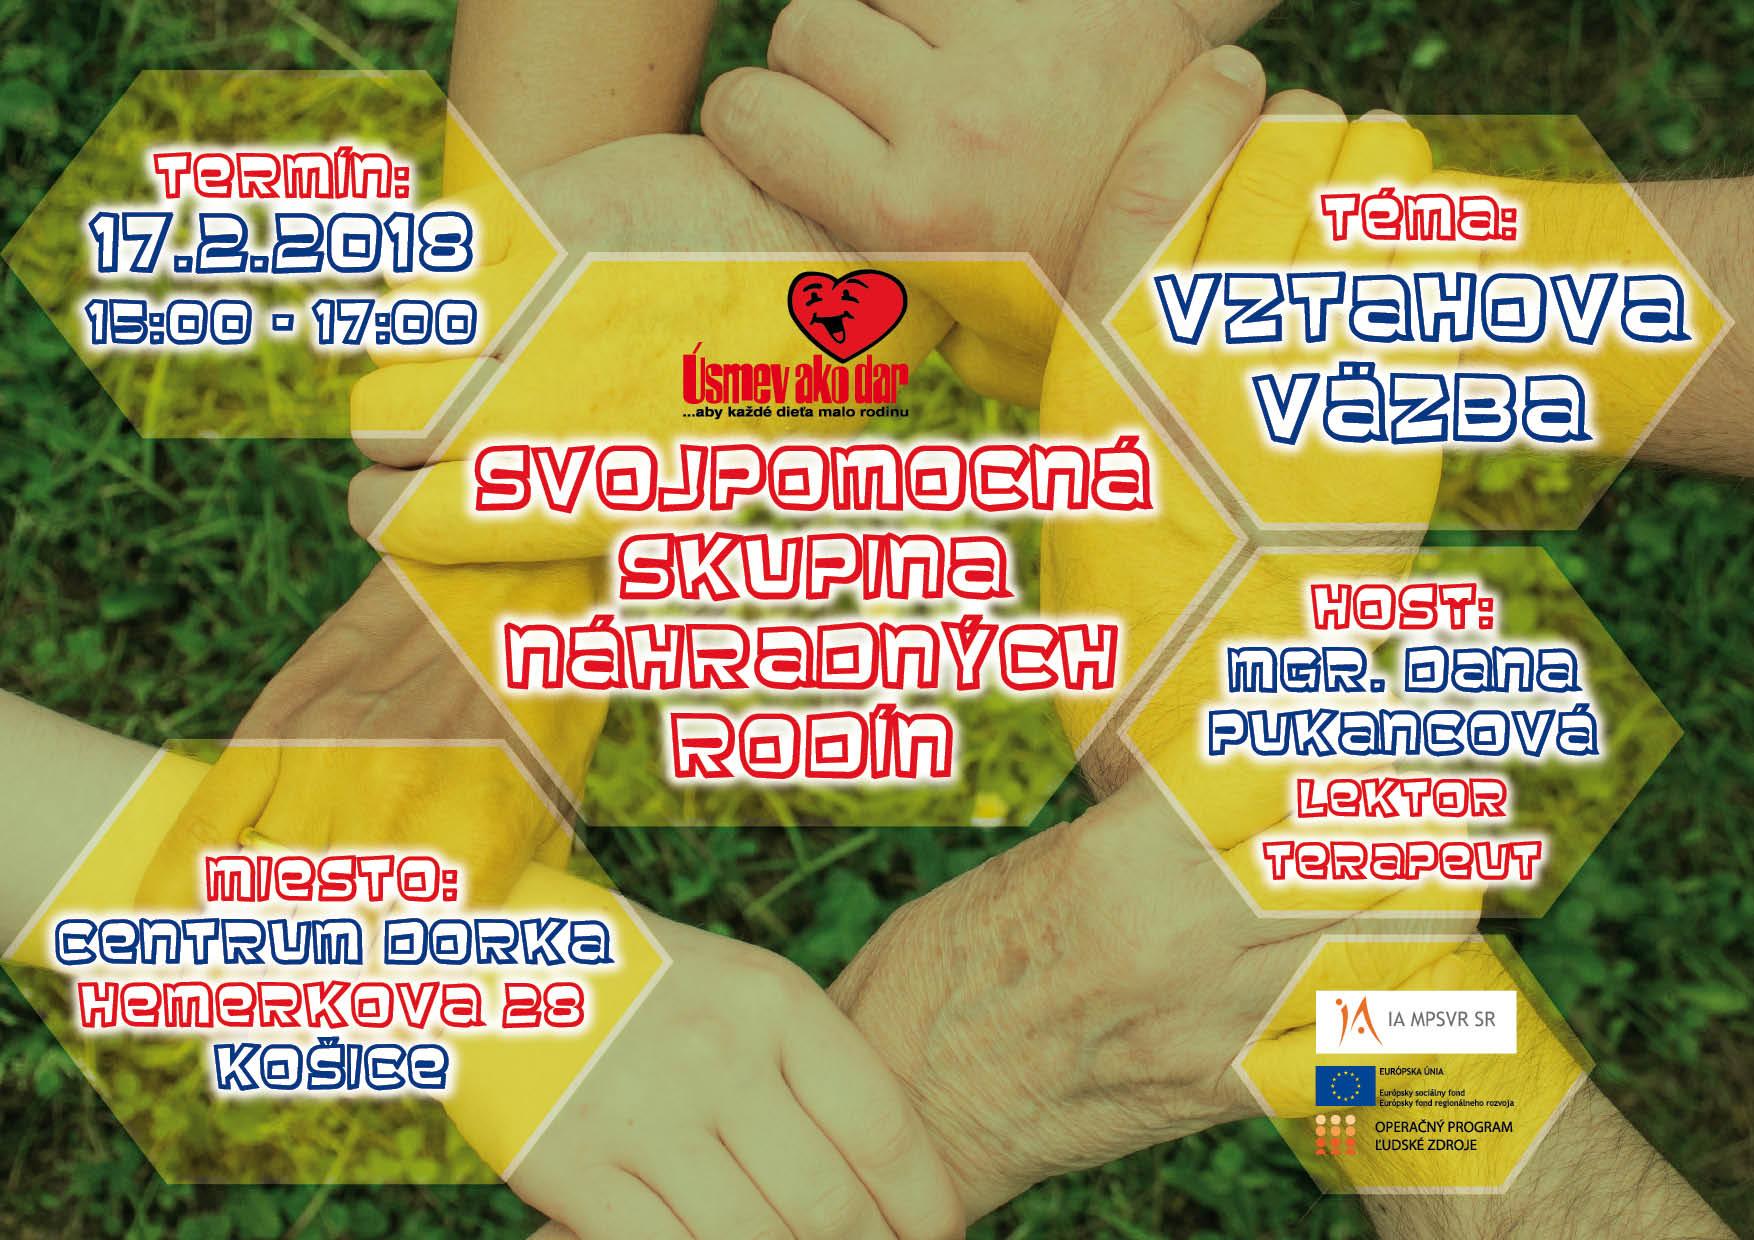 Pozvánka pre náhradných rodičov na svojpomocnú skupinu v Košiciach na tému Vzťahová väzba